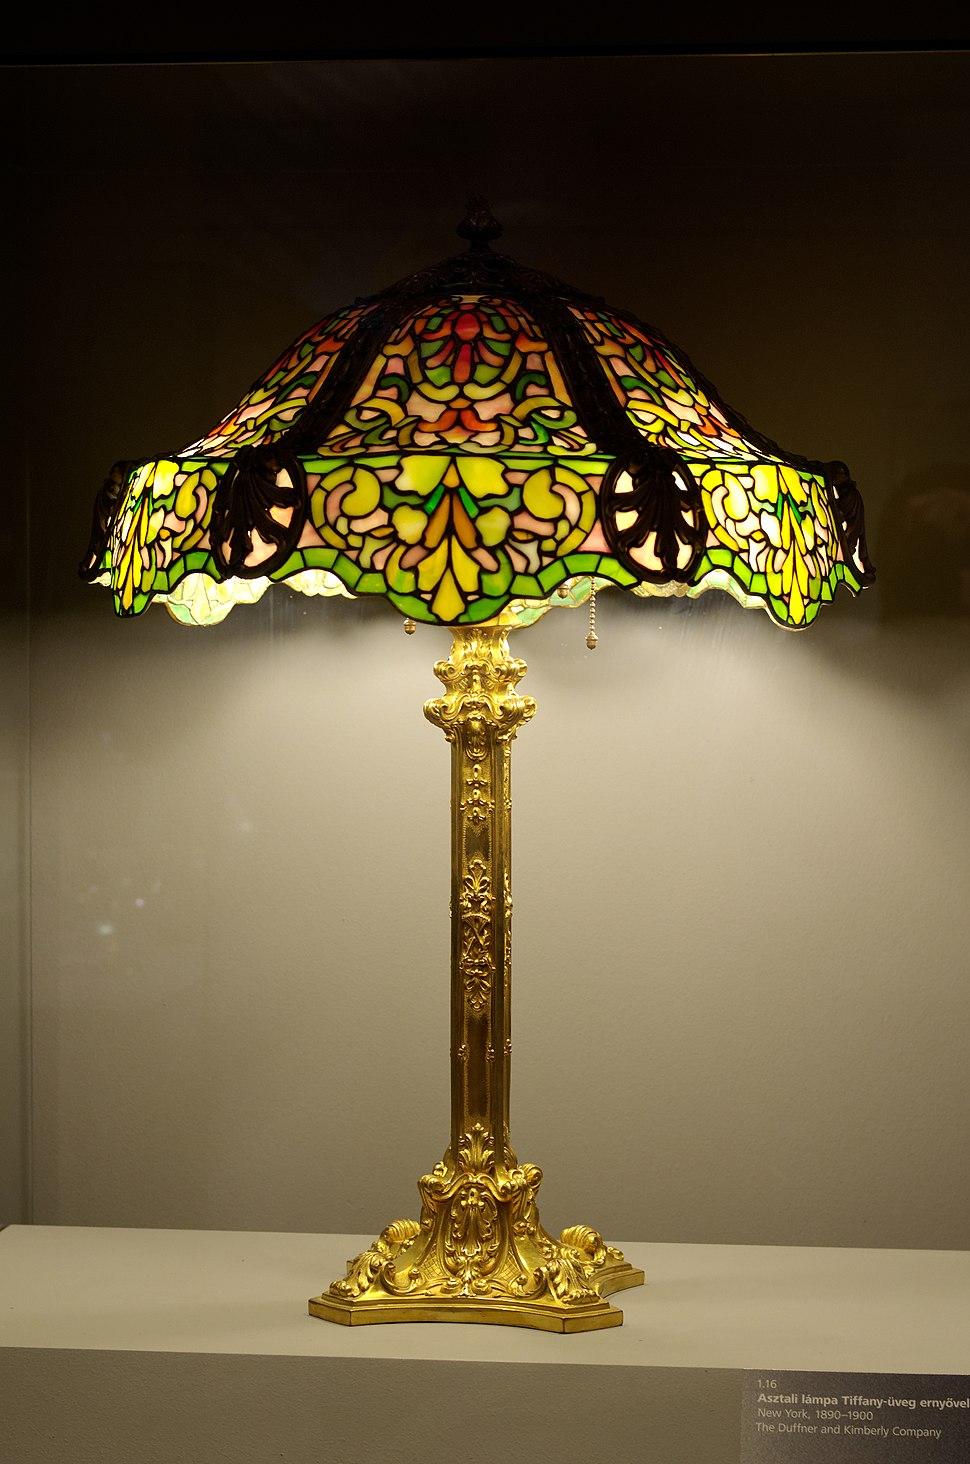 Lamp and lampshade Tiffany